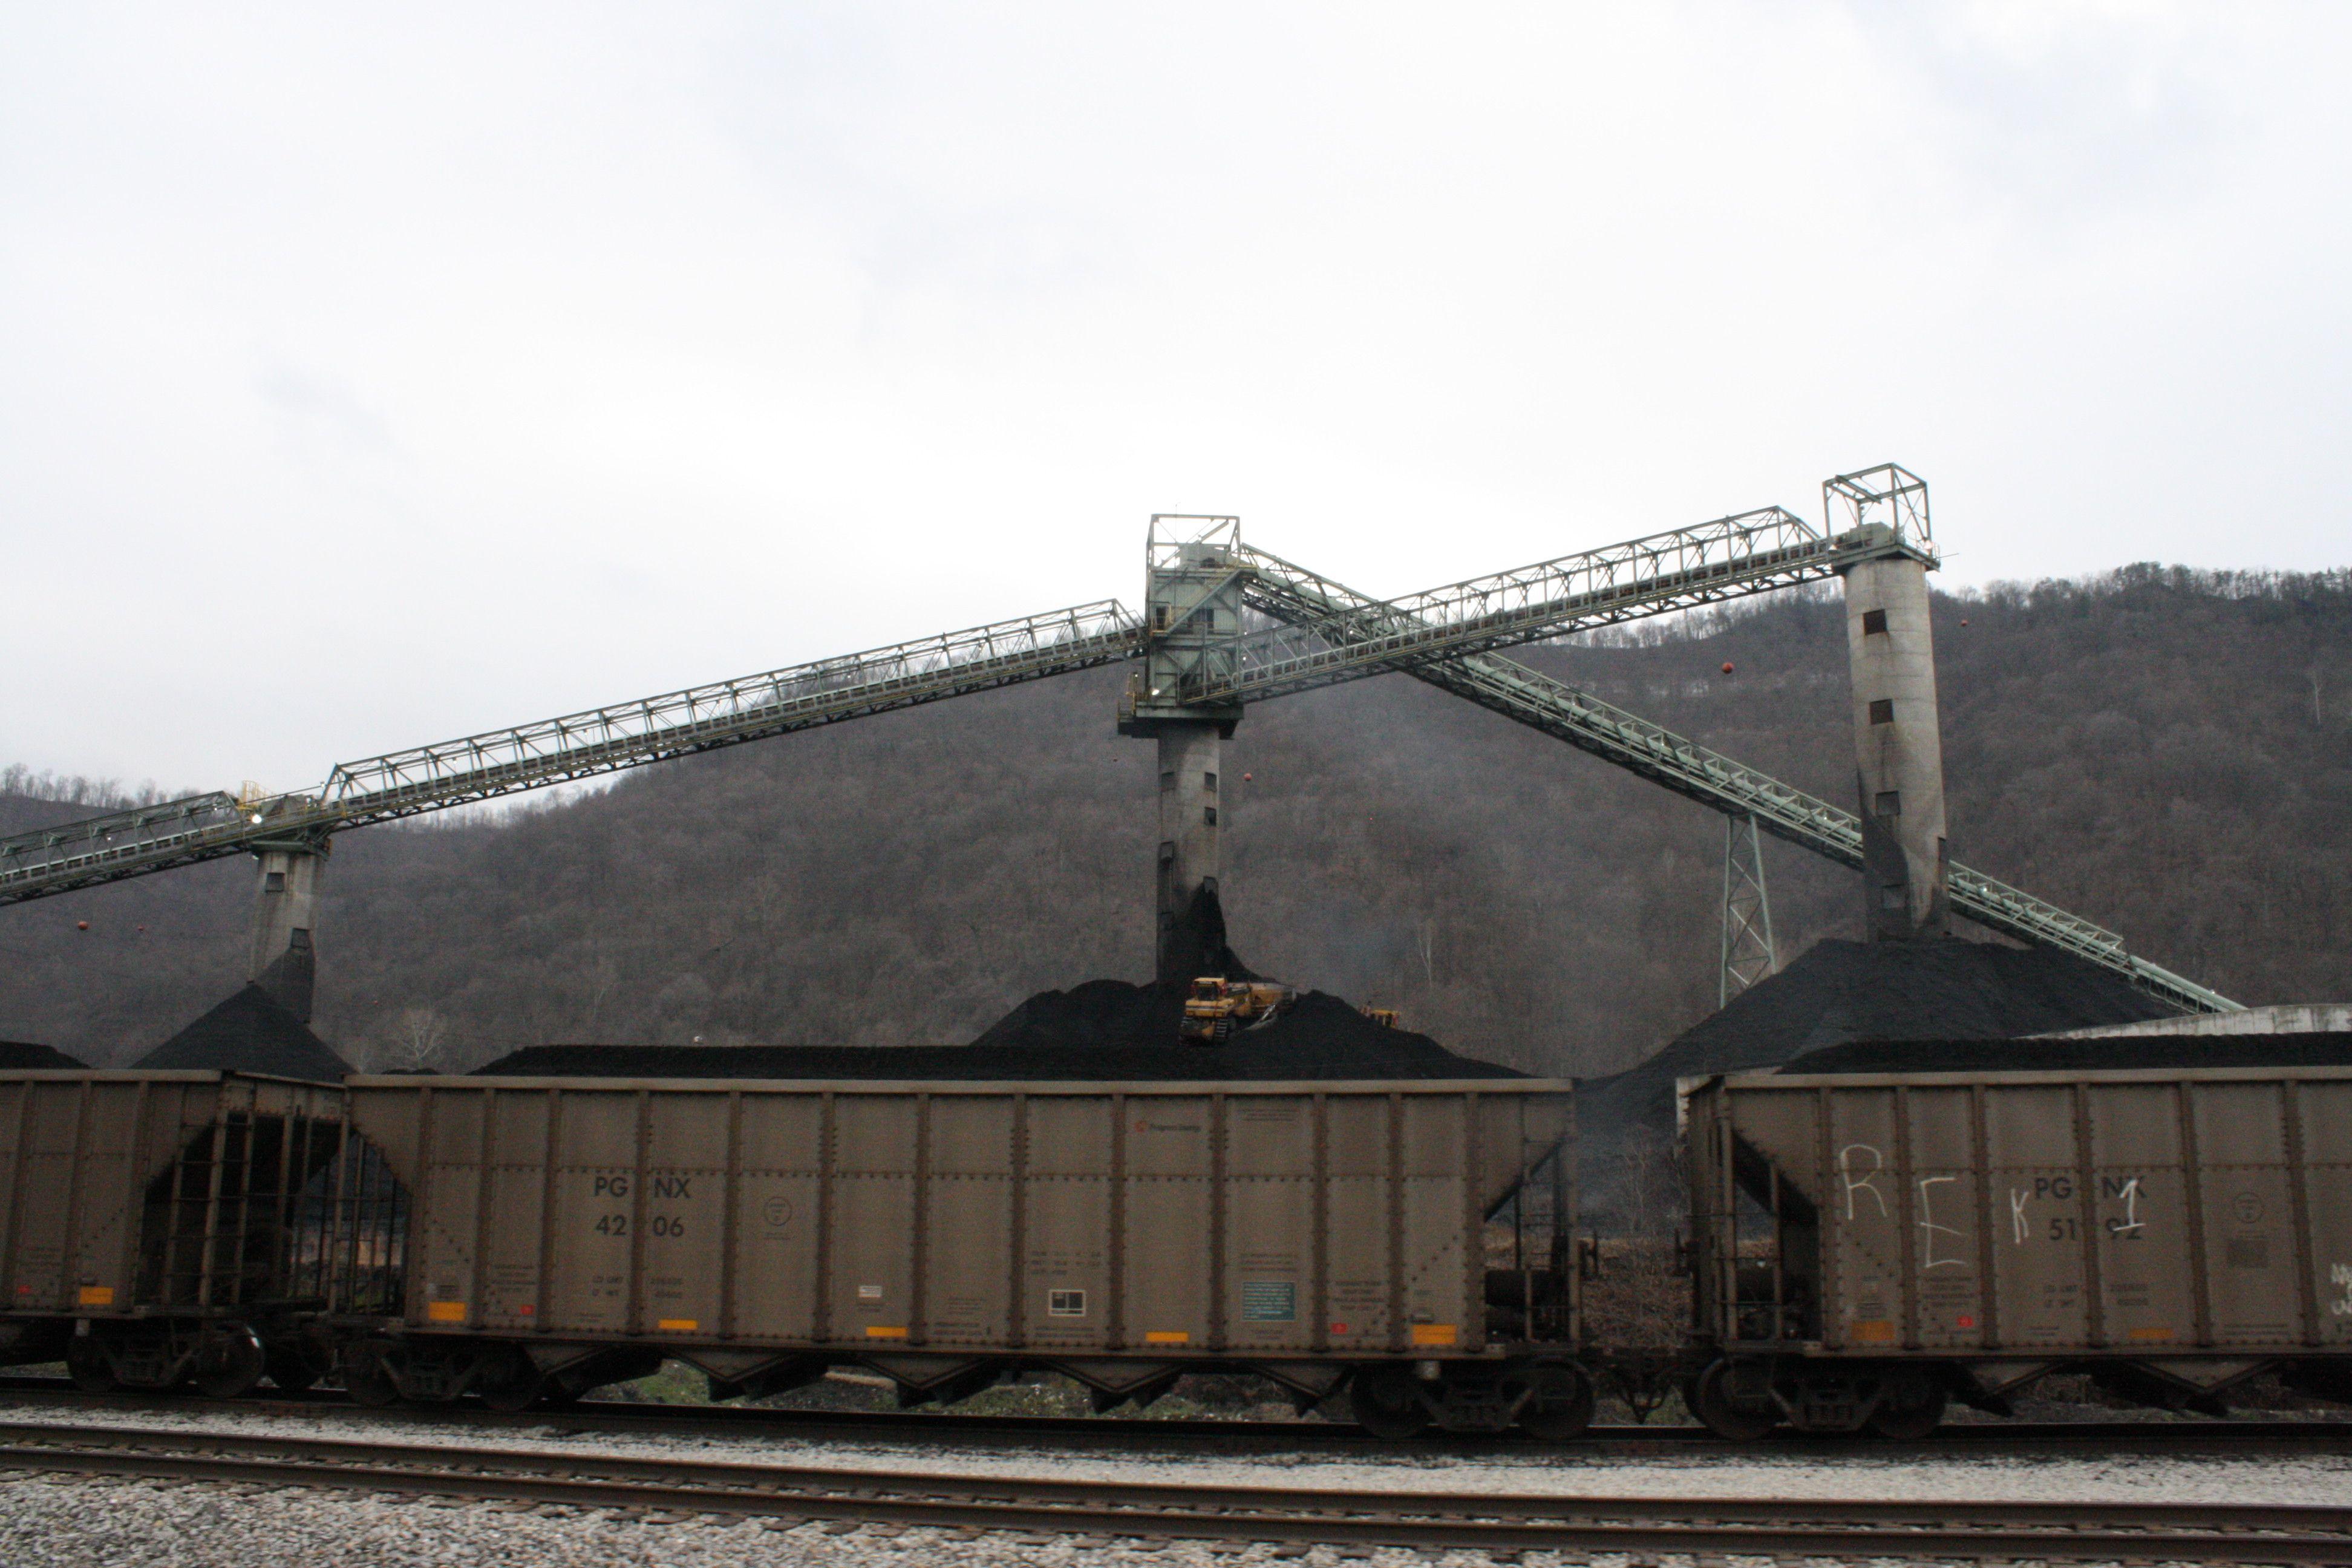 Coal mine train west virginia coal mining bay bridge